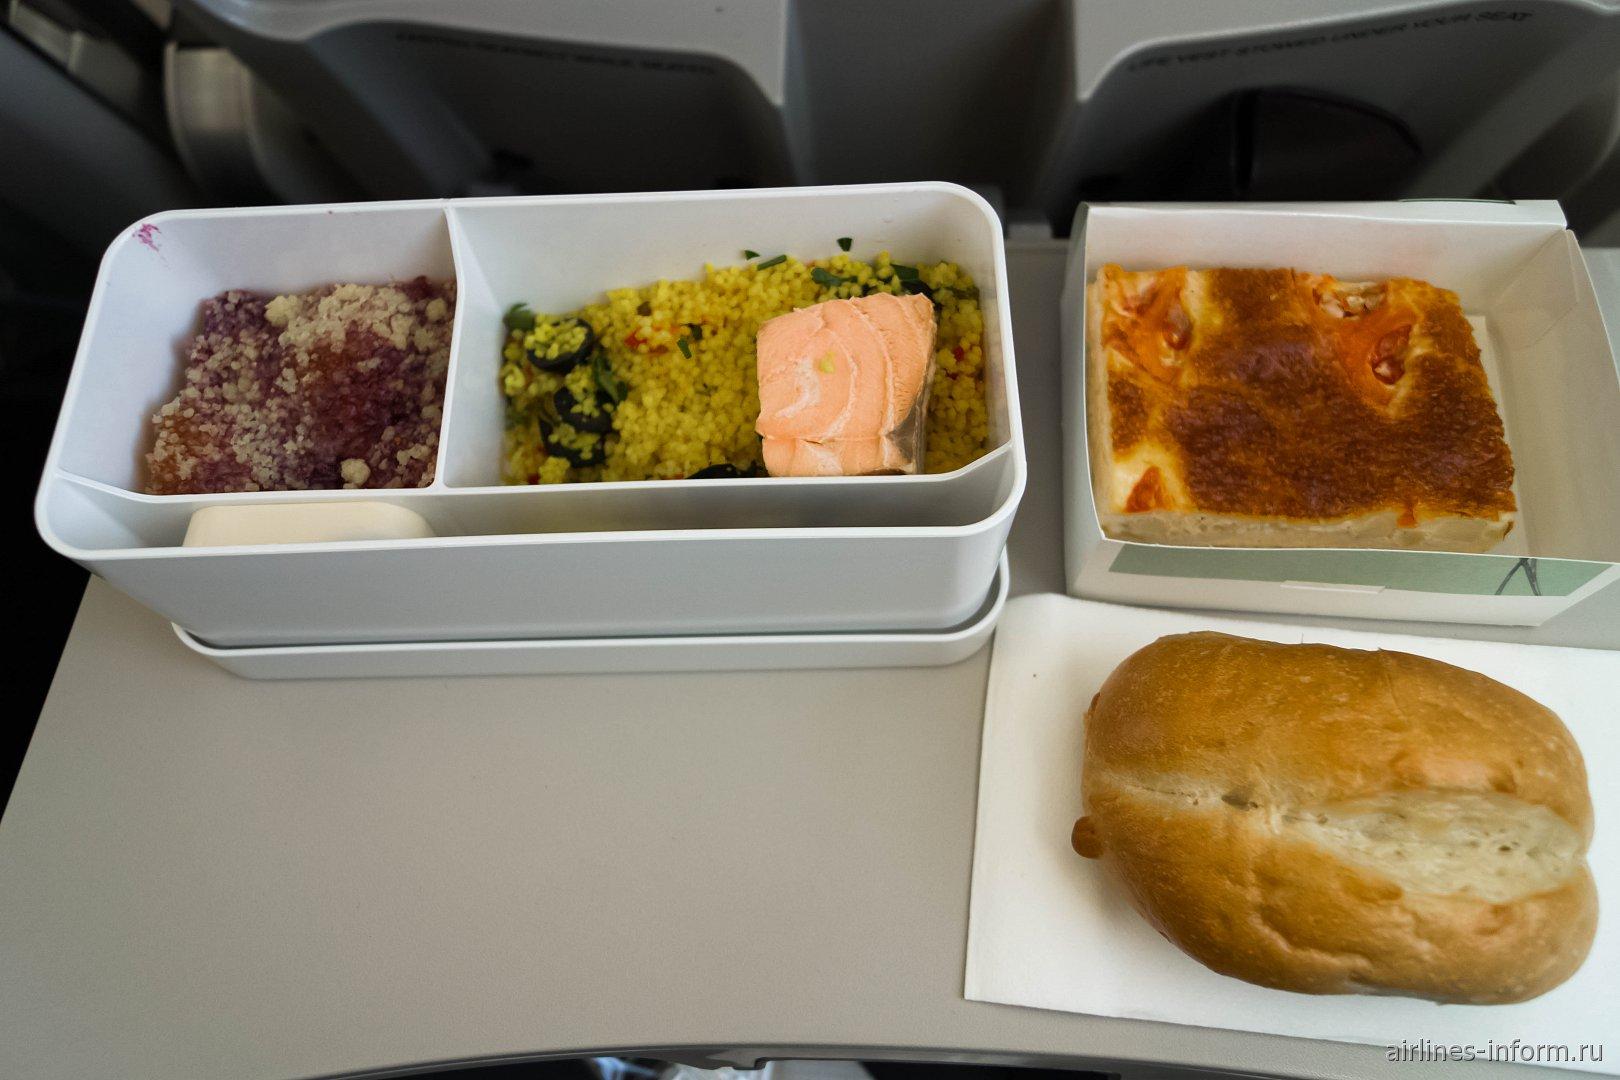 Бортпитание на рейсе Москва-Женева авиакомпании Swiss